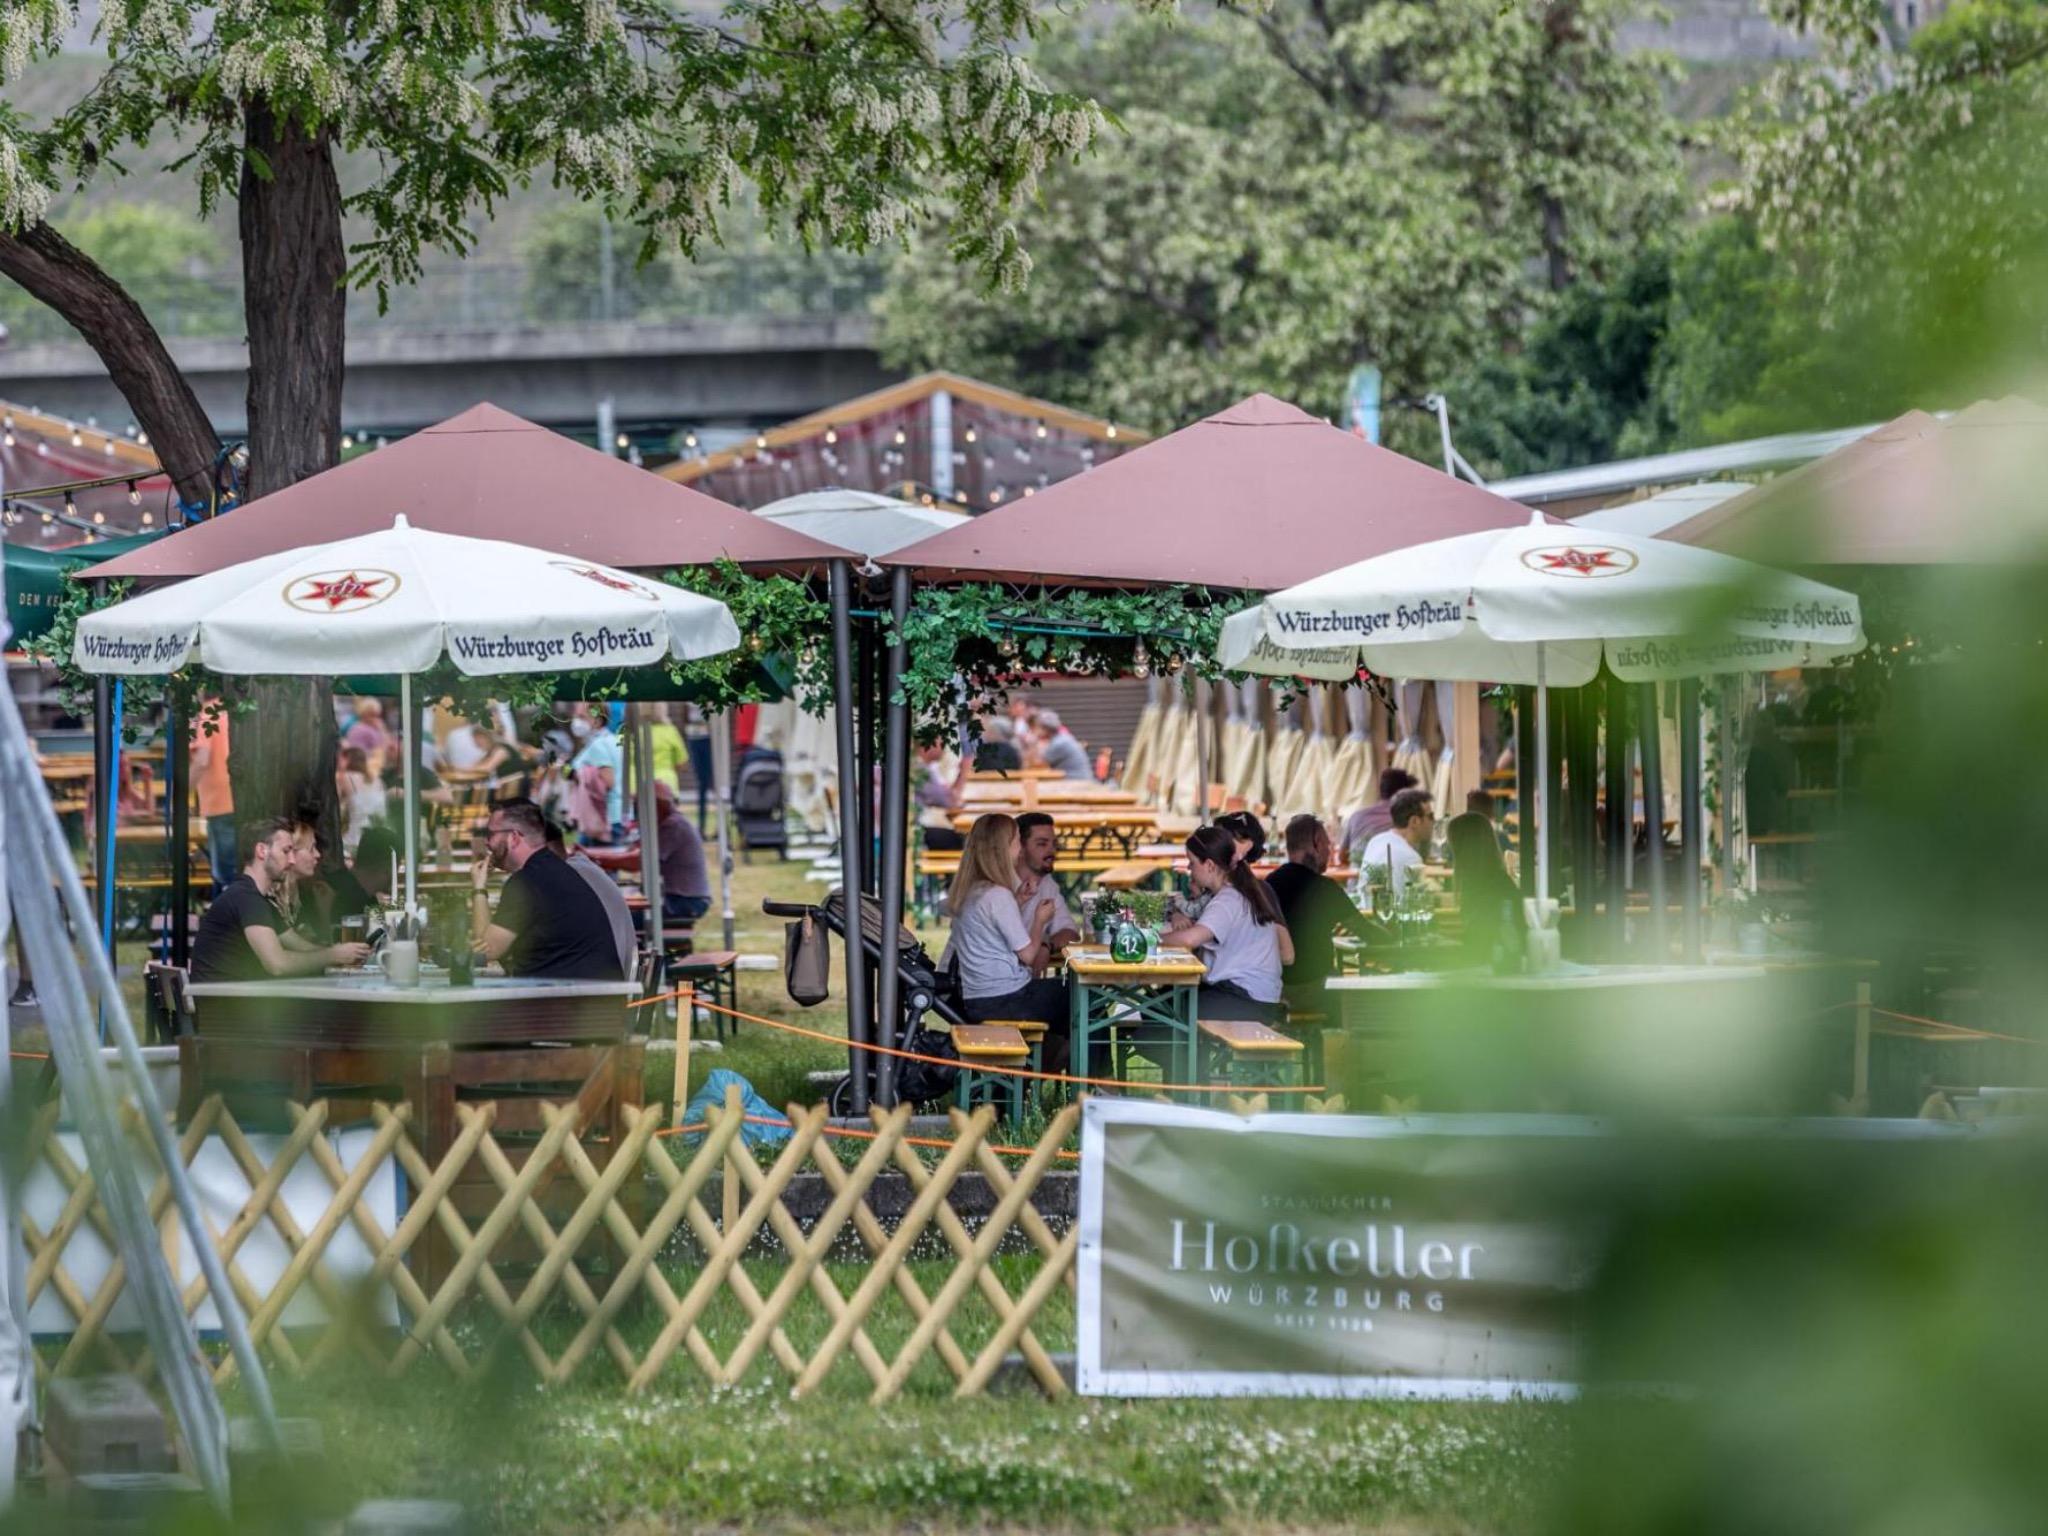 Der Sommergarten auf den Würzburger Mainwiesen ist für die Mainfranken-Messe zurück! Foto: Patty Varasano